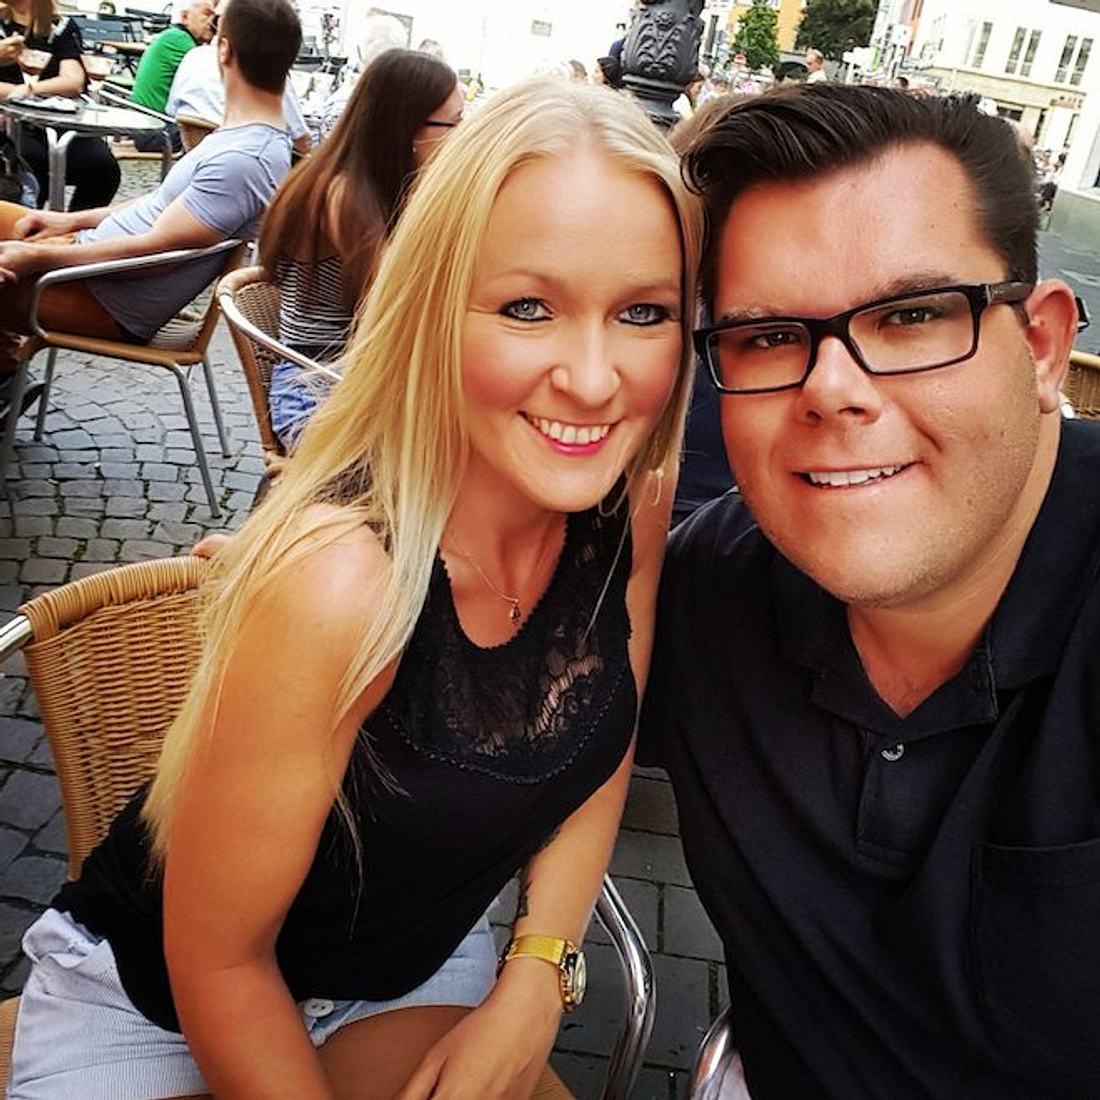 Traumfrau gesucht: Dennis Schick hat sich verlobt